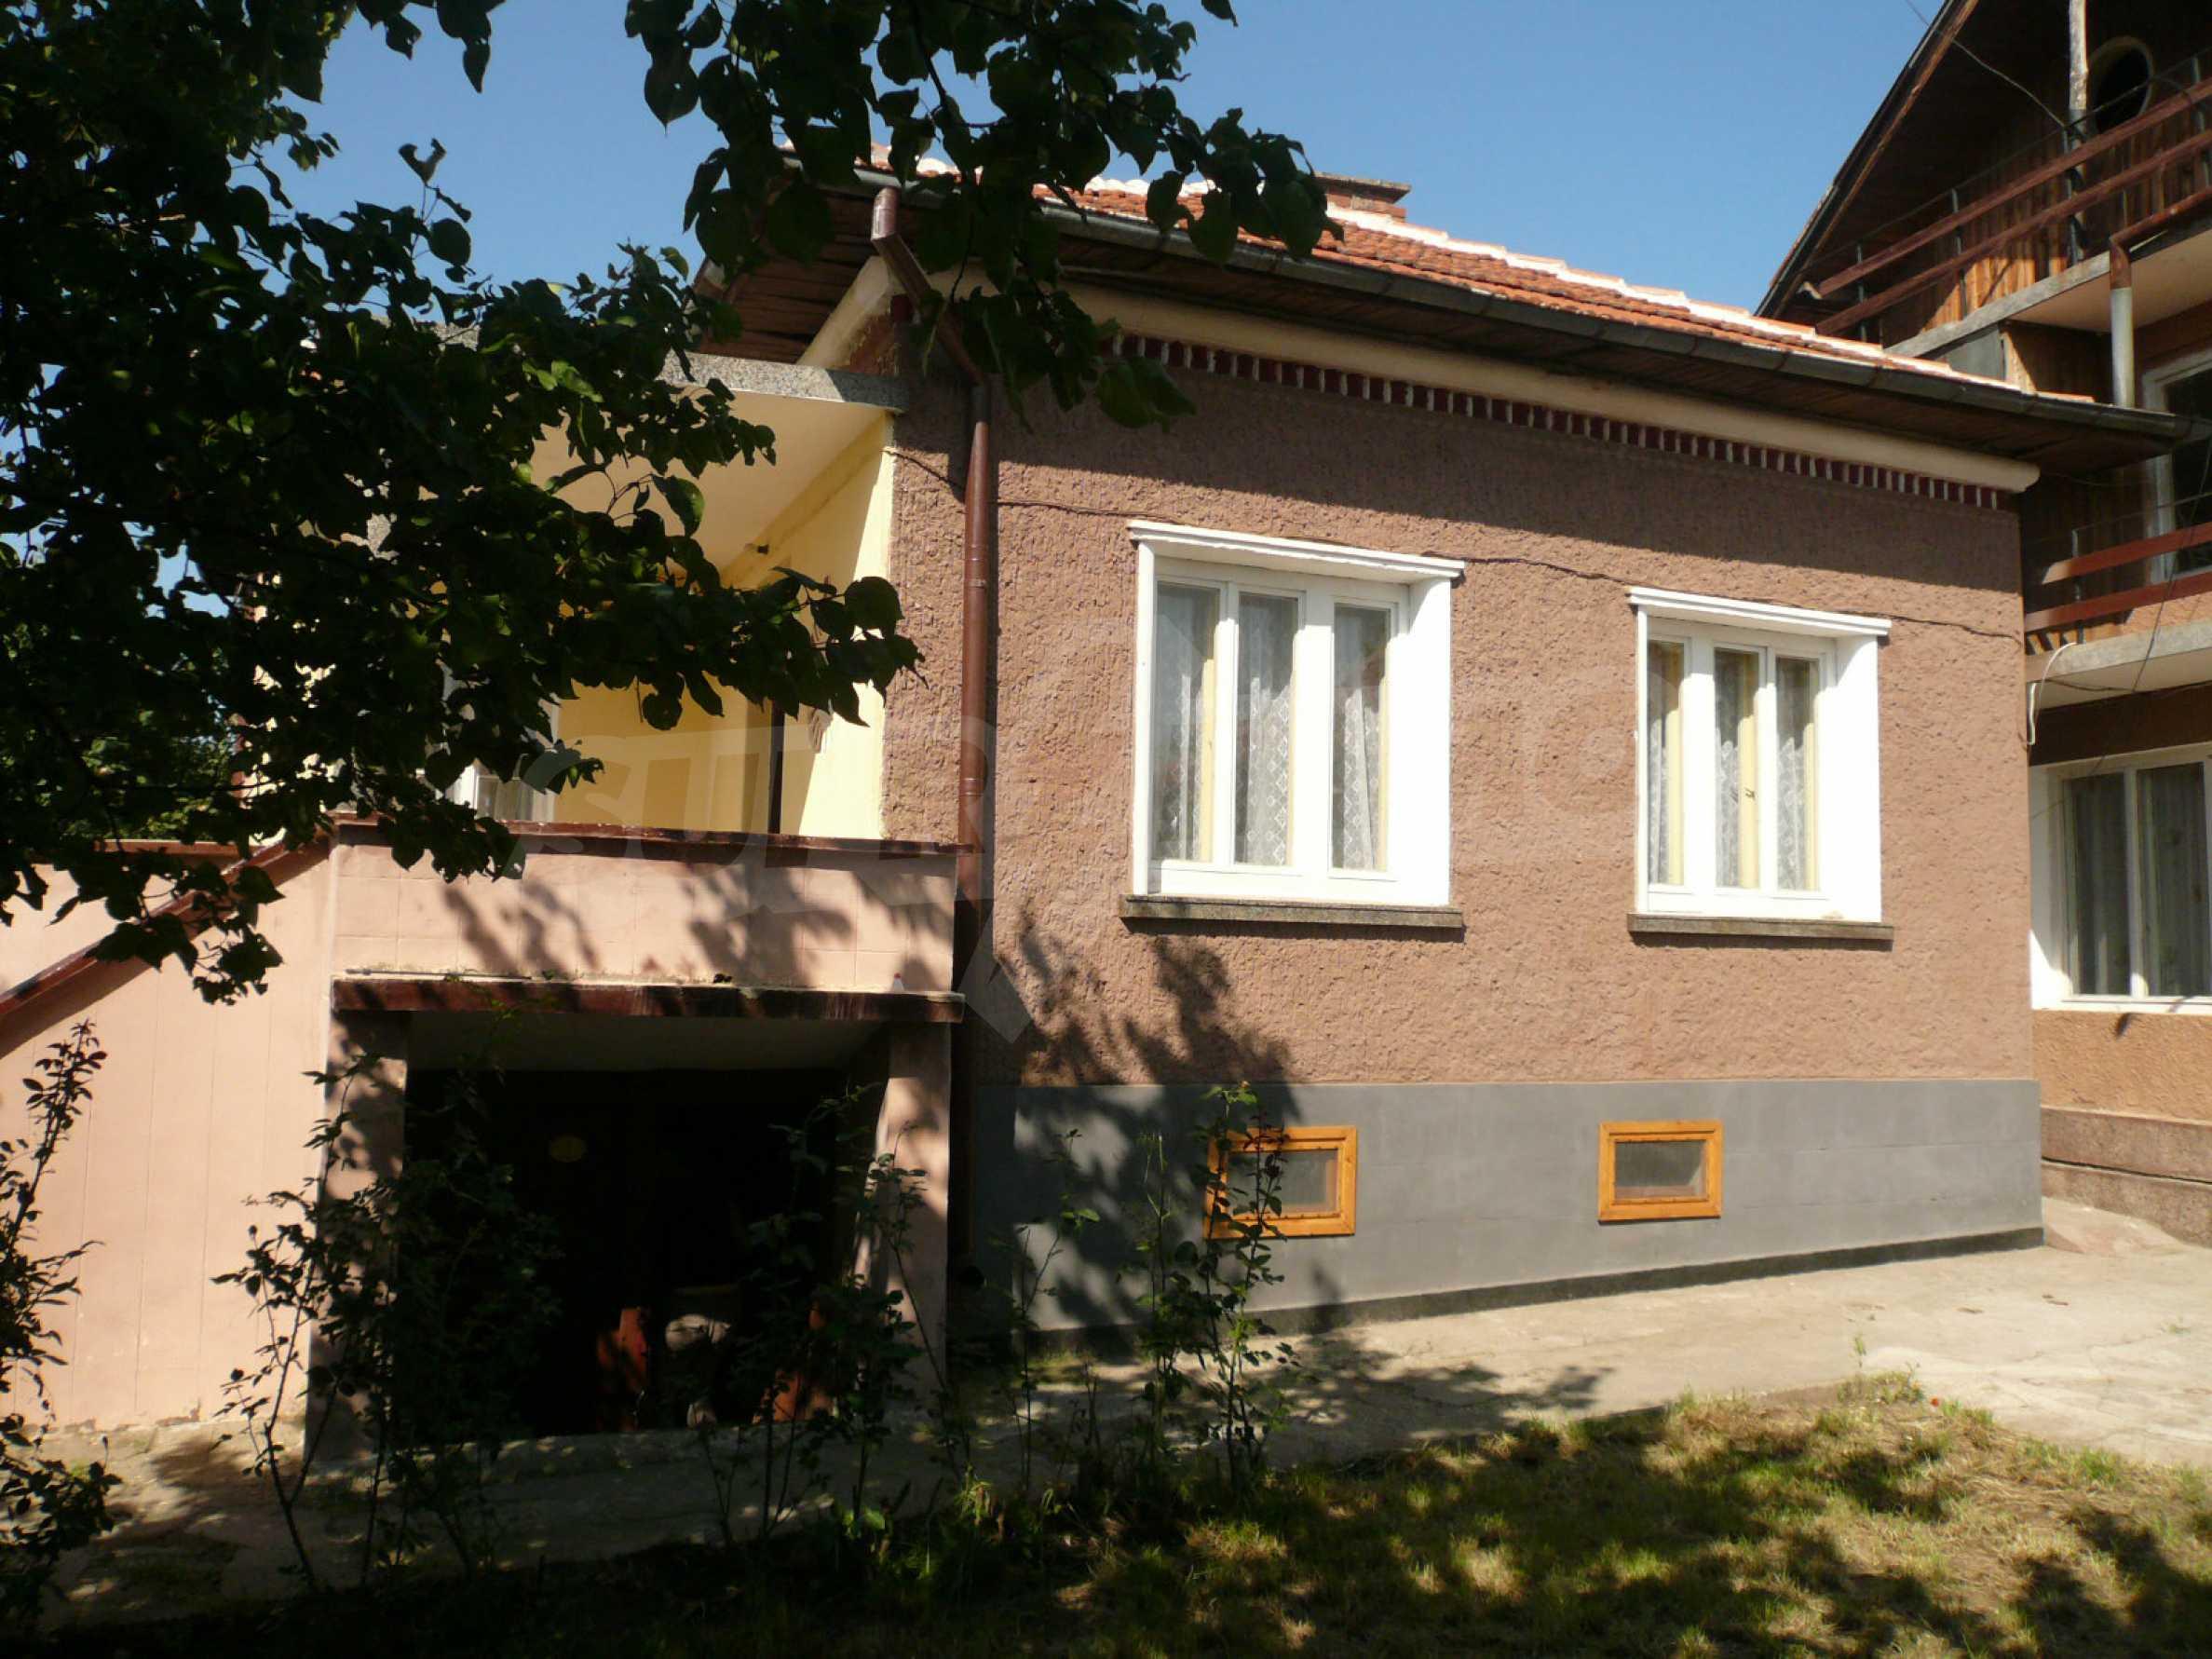 Ländliche Häuser mit einem Garten 12 km von Vidin entfernt